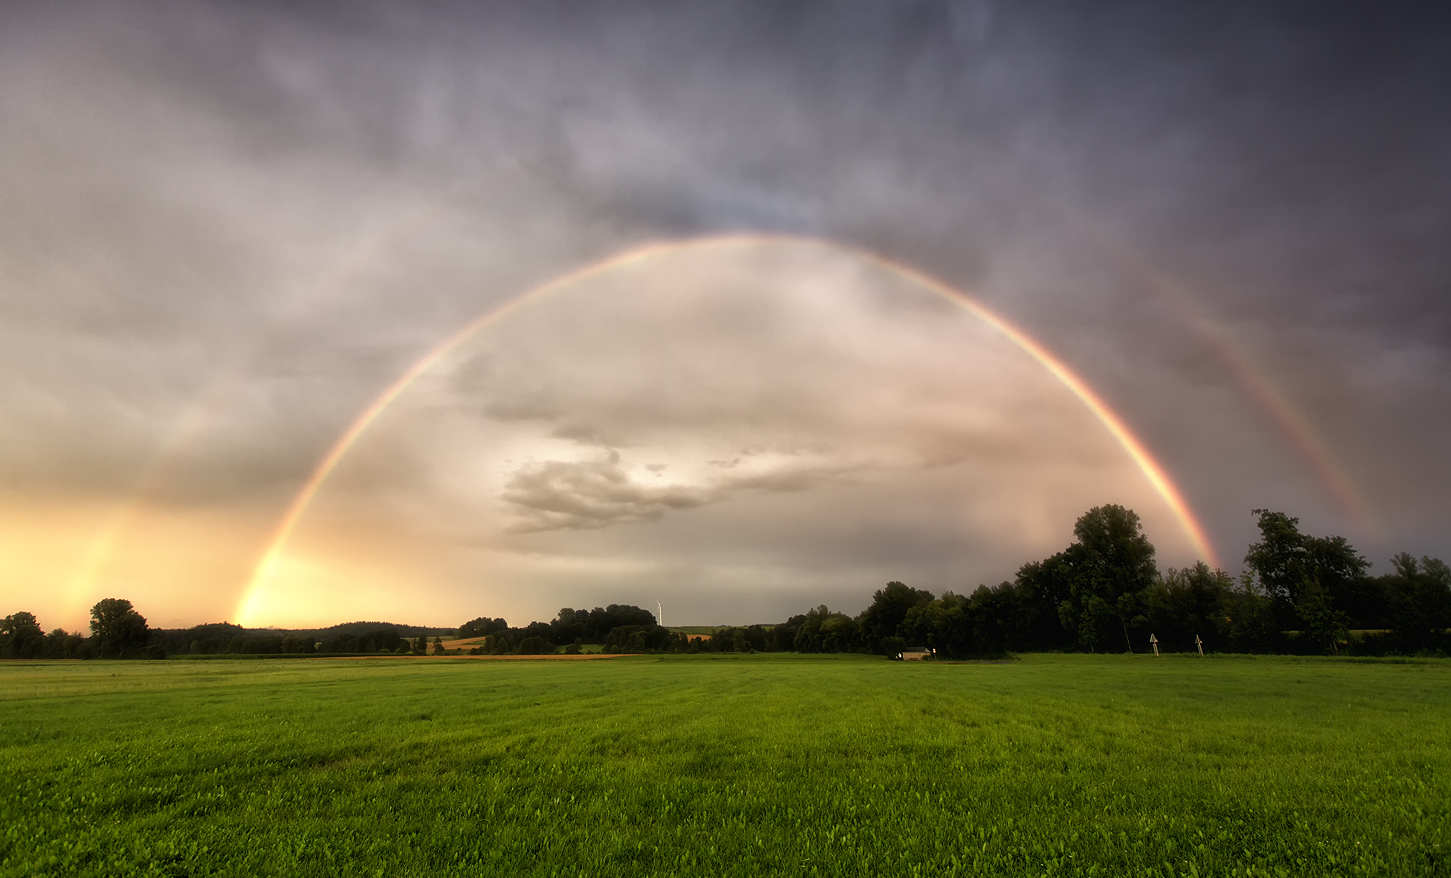 Die Kehrseite des Unwetters - ein Regenbogen